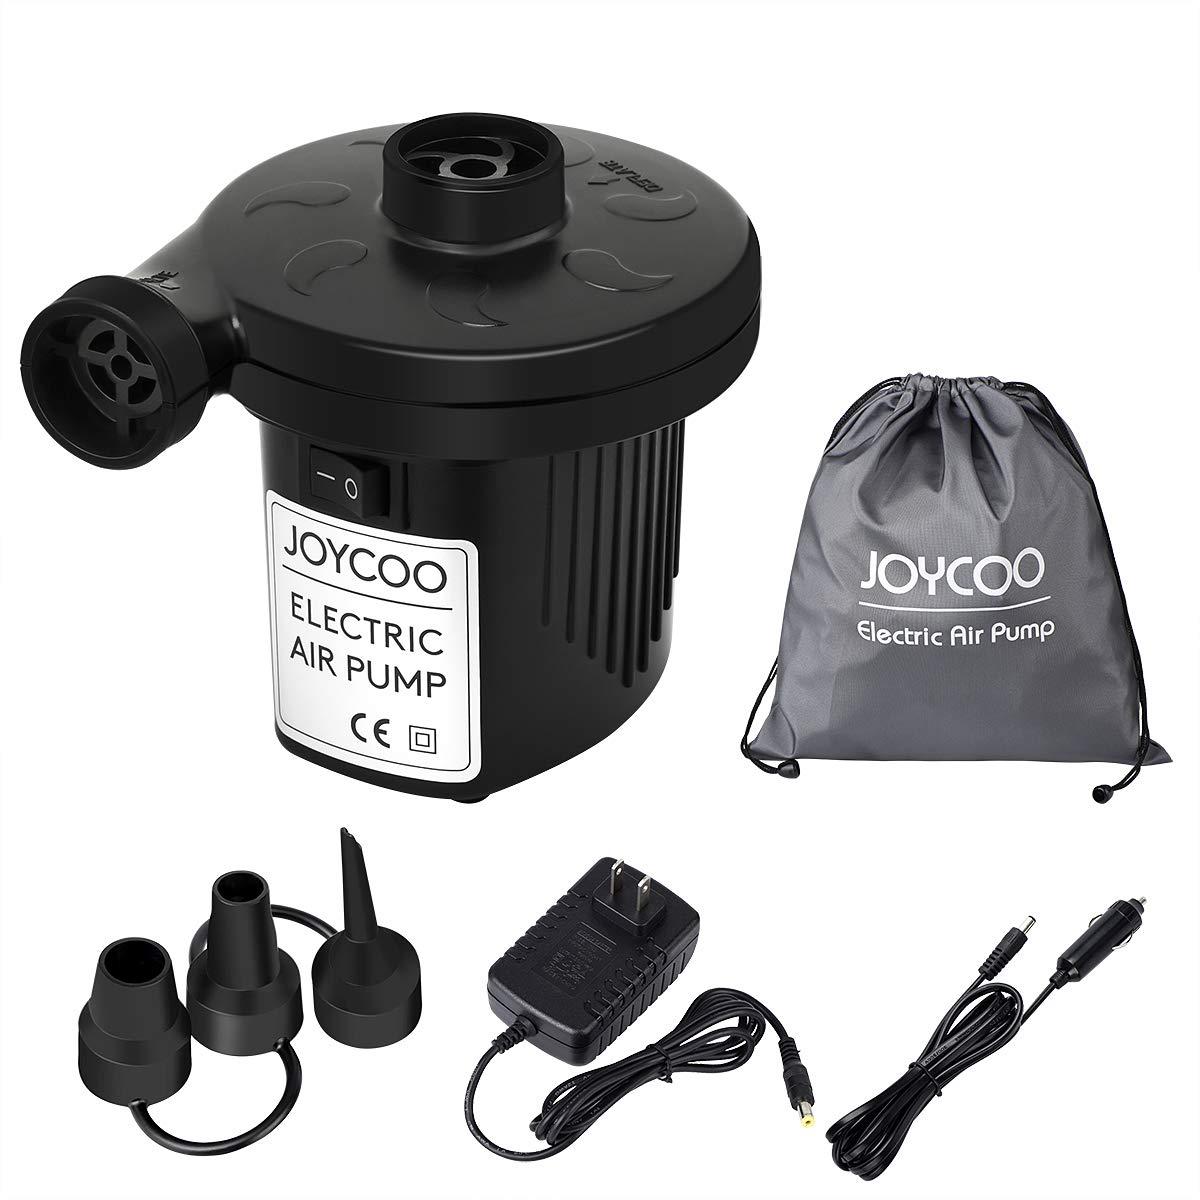 Joycoo Electric Air Pump Air Mattress Pump